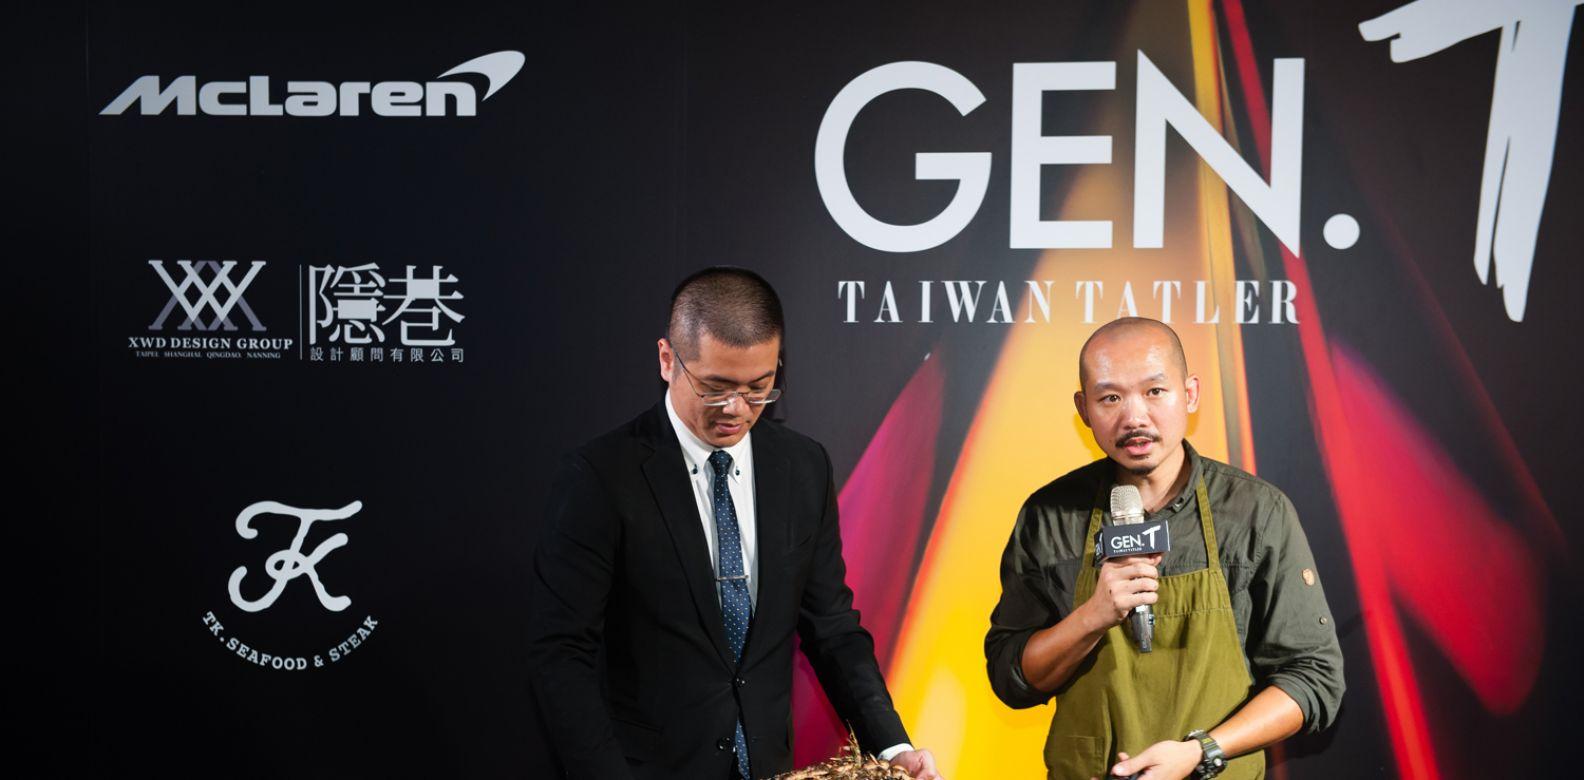 華泰大飯店集團廚藝總監暨農夫,同時也是前兩屆Gen. T入選者陳昶福(Fudy)特別為本屆晚宴設計料理。